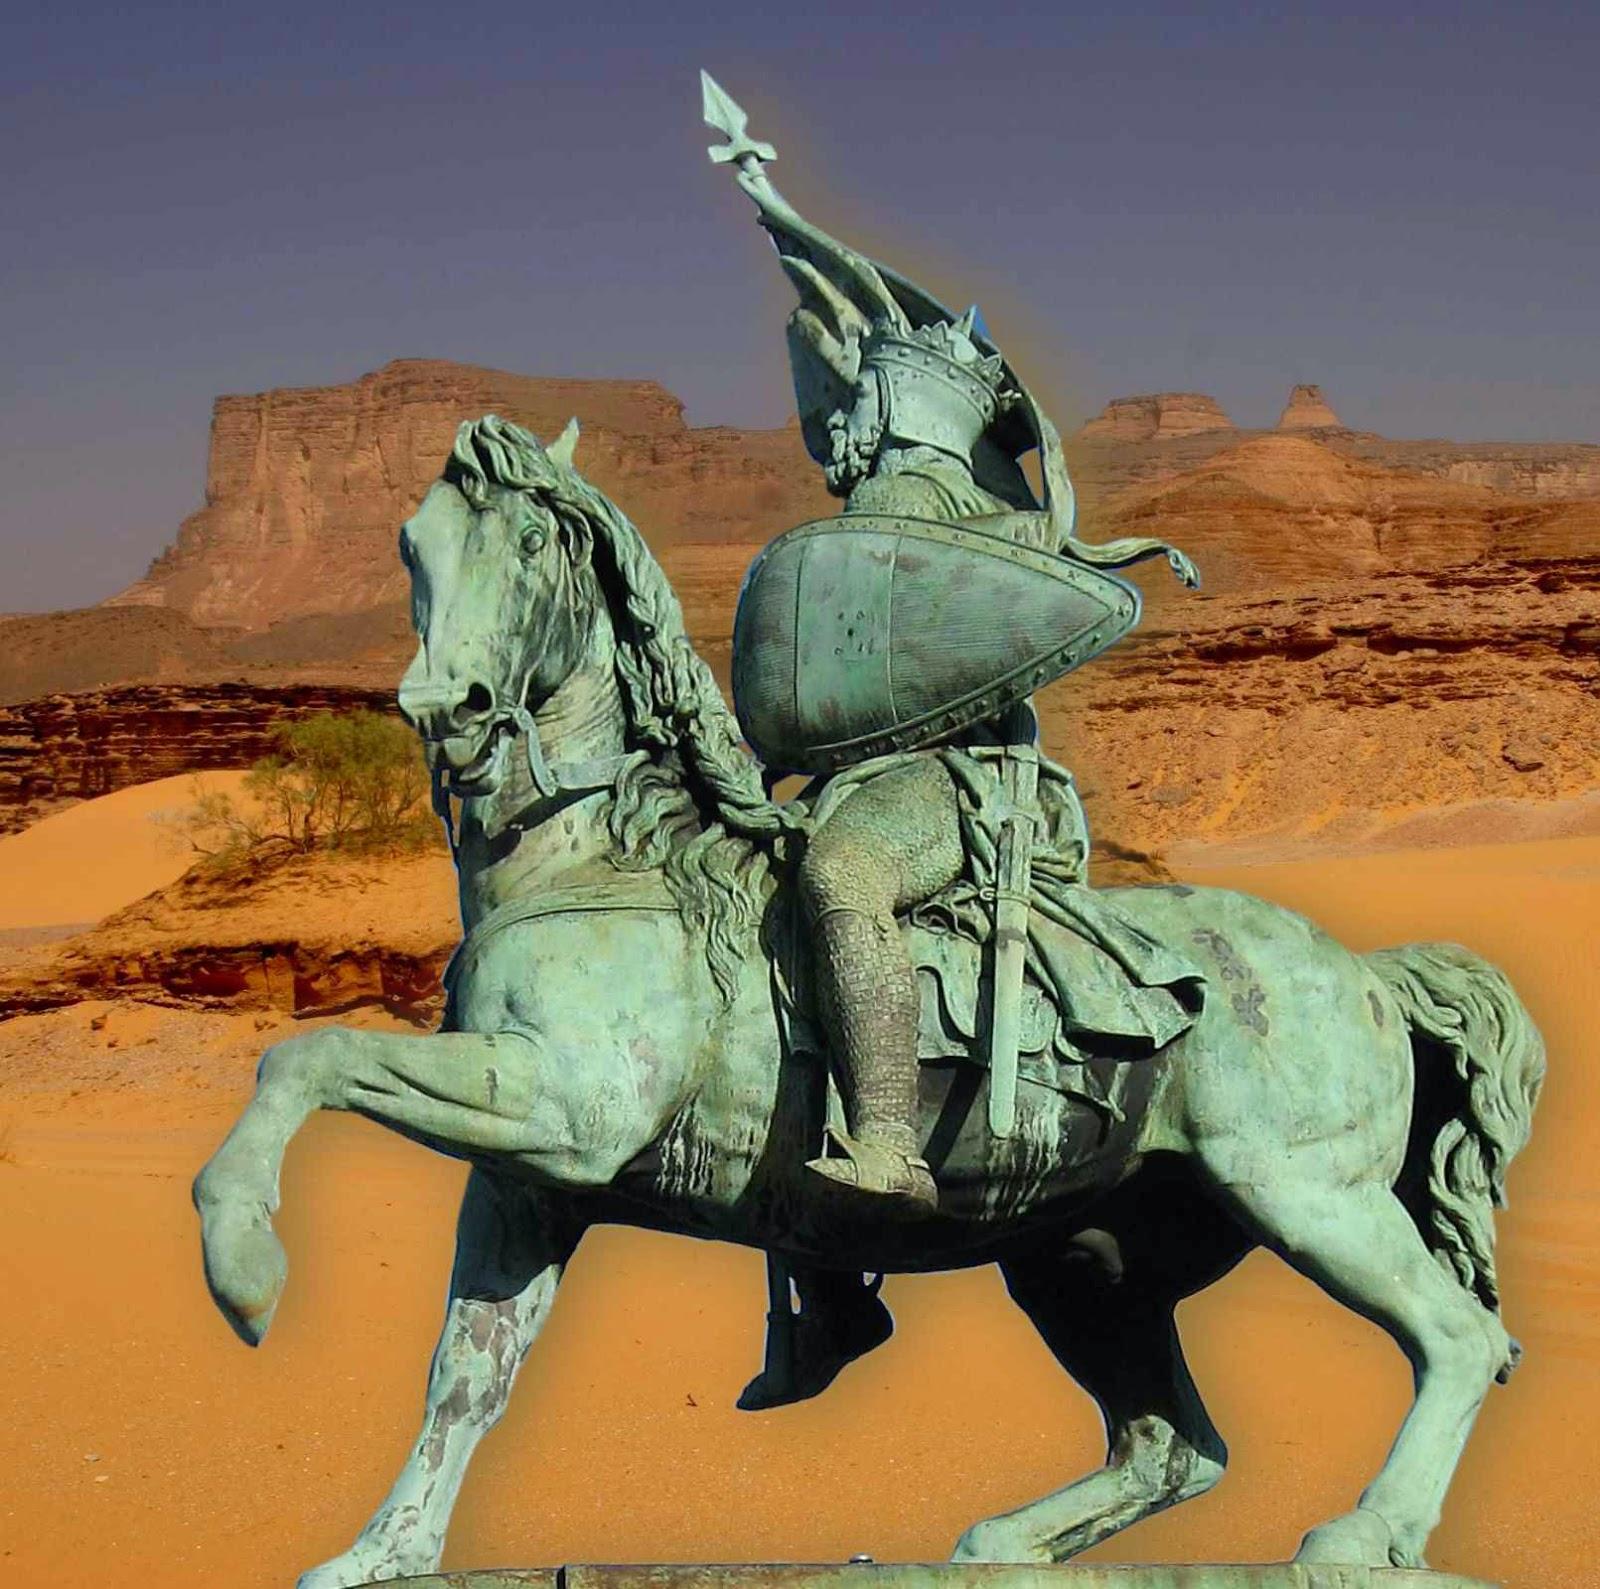 Godofredo de Bouillon, estátua equestre em Bruxelas. Fundo: deserto.